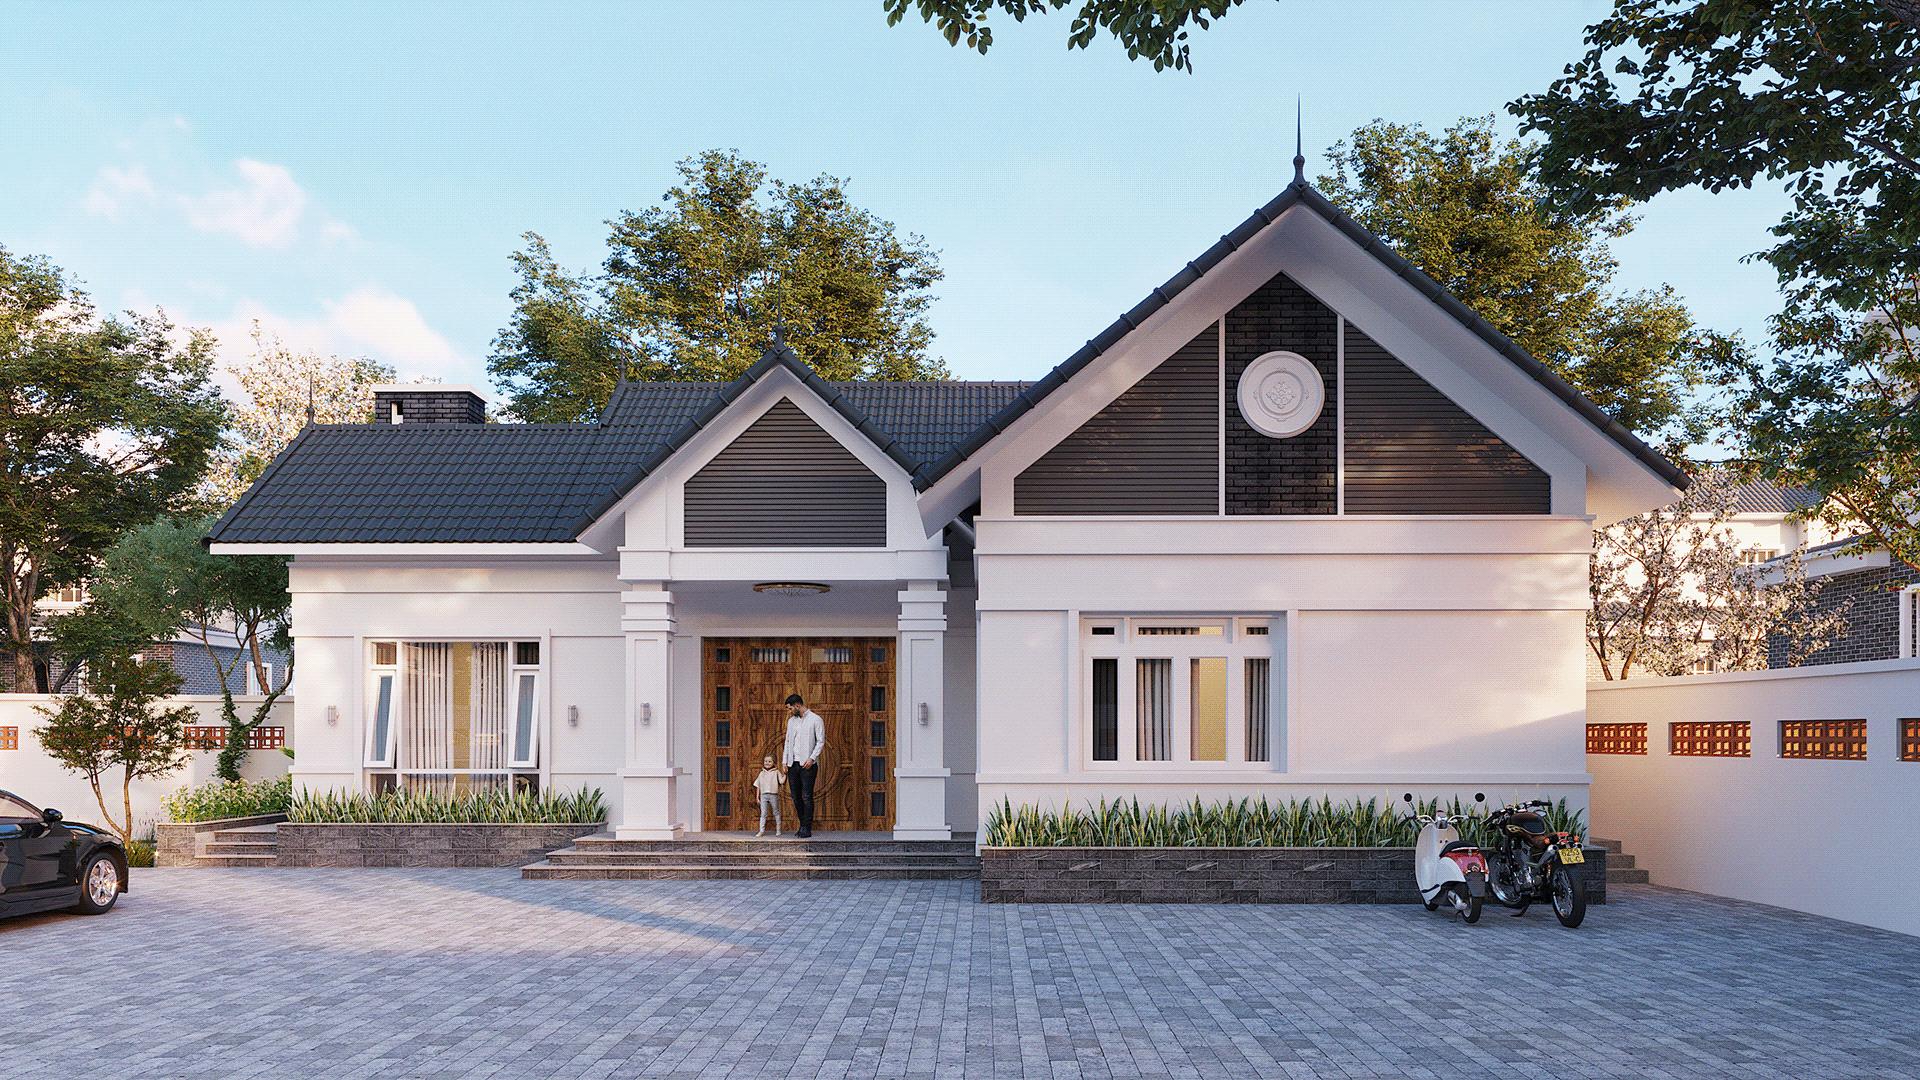 [Giới thiệu] Thiết kế nhà cấp 4 hiện đại đẹp tới nao lòng